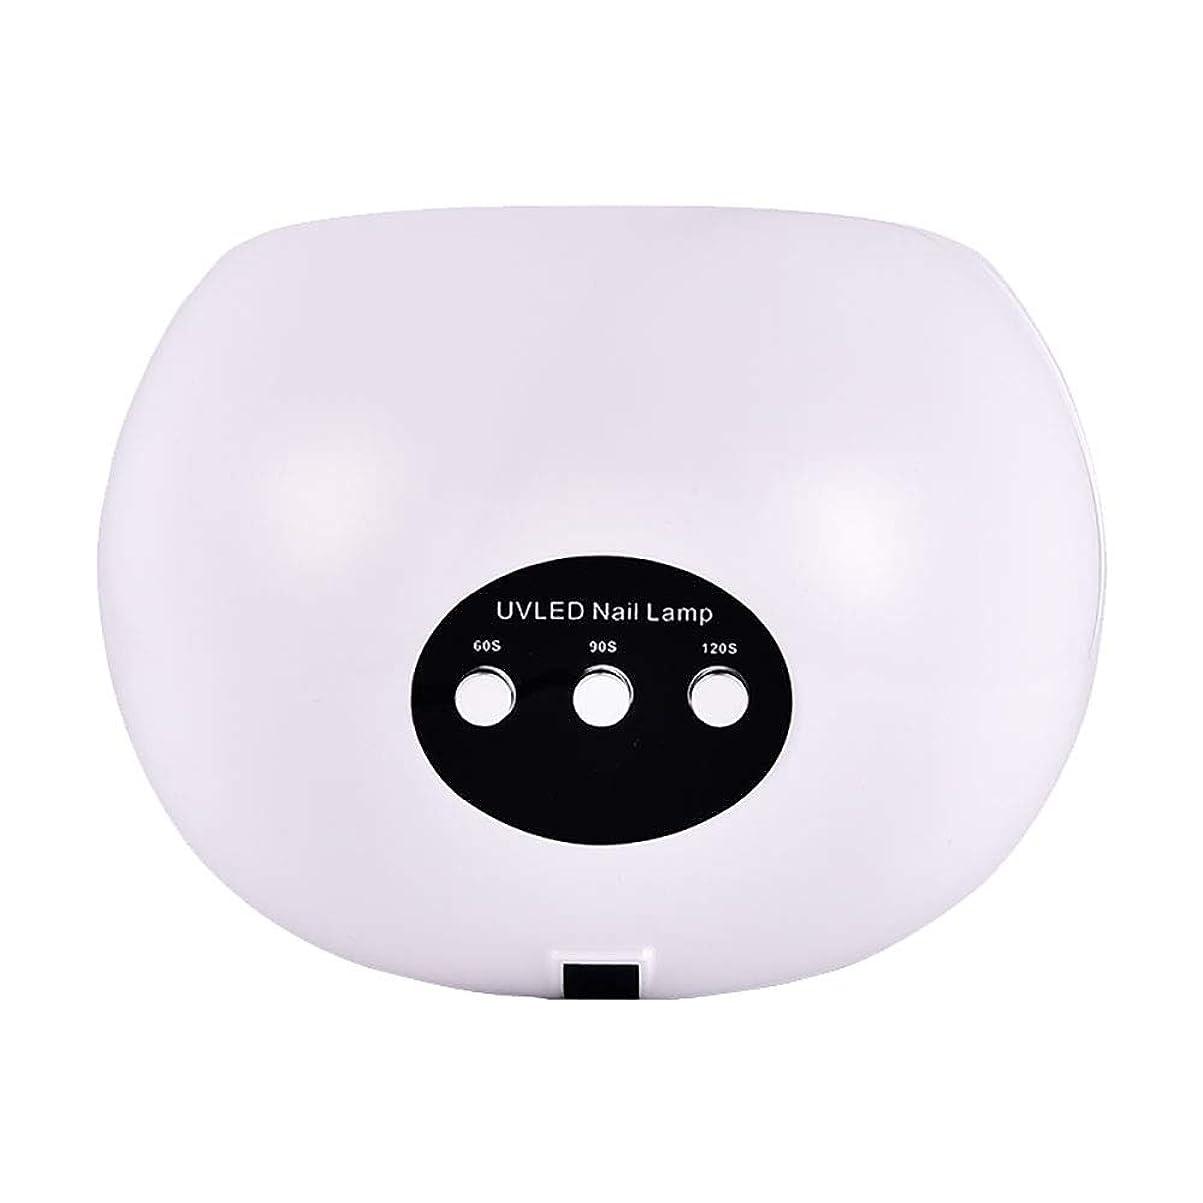 計画的ループパッド釘のドライヤー - 自動赤外線センサー、二重光源のLEDランプのゲルのドライヤーのマニキュアが付いている紫外線携帯用LEDの釘ランプ